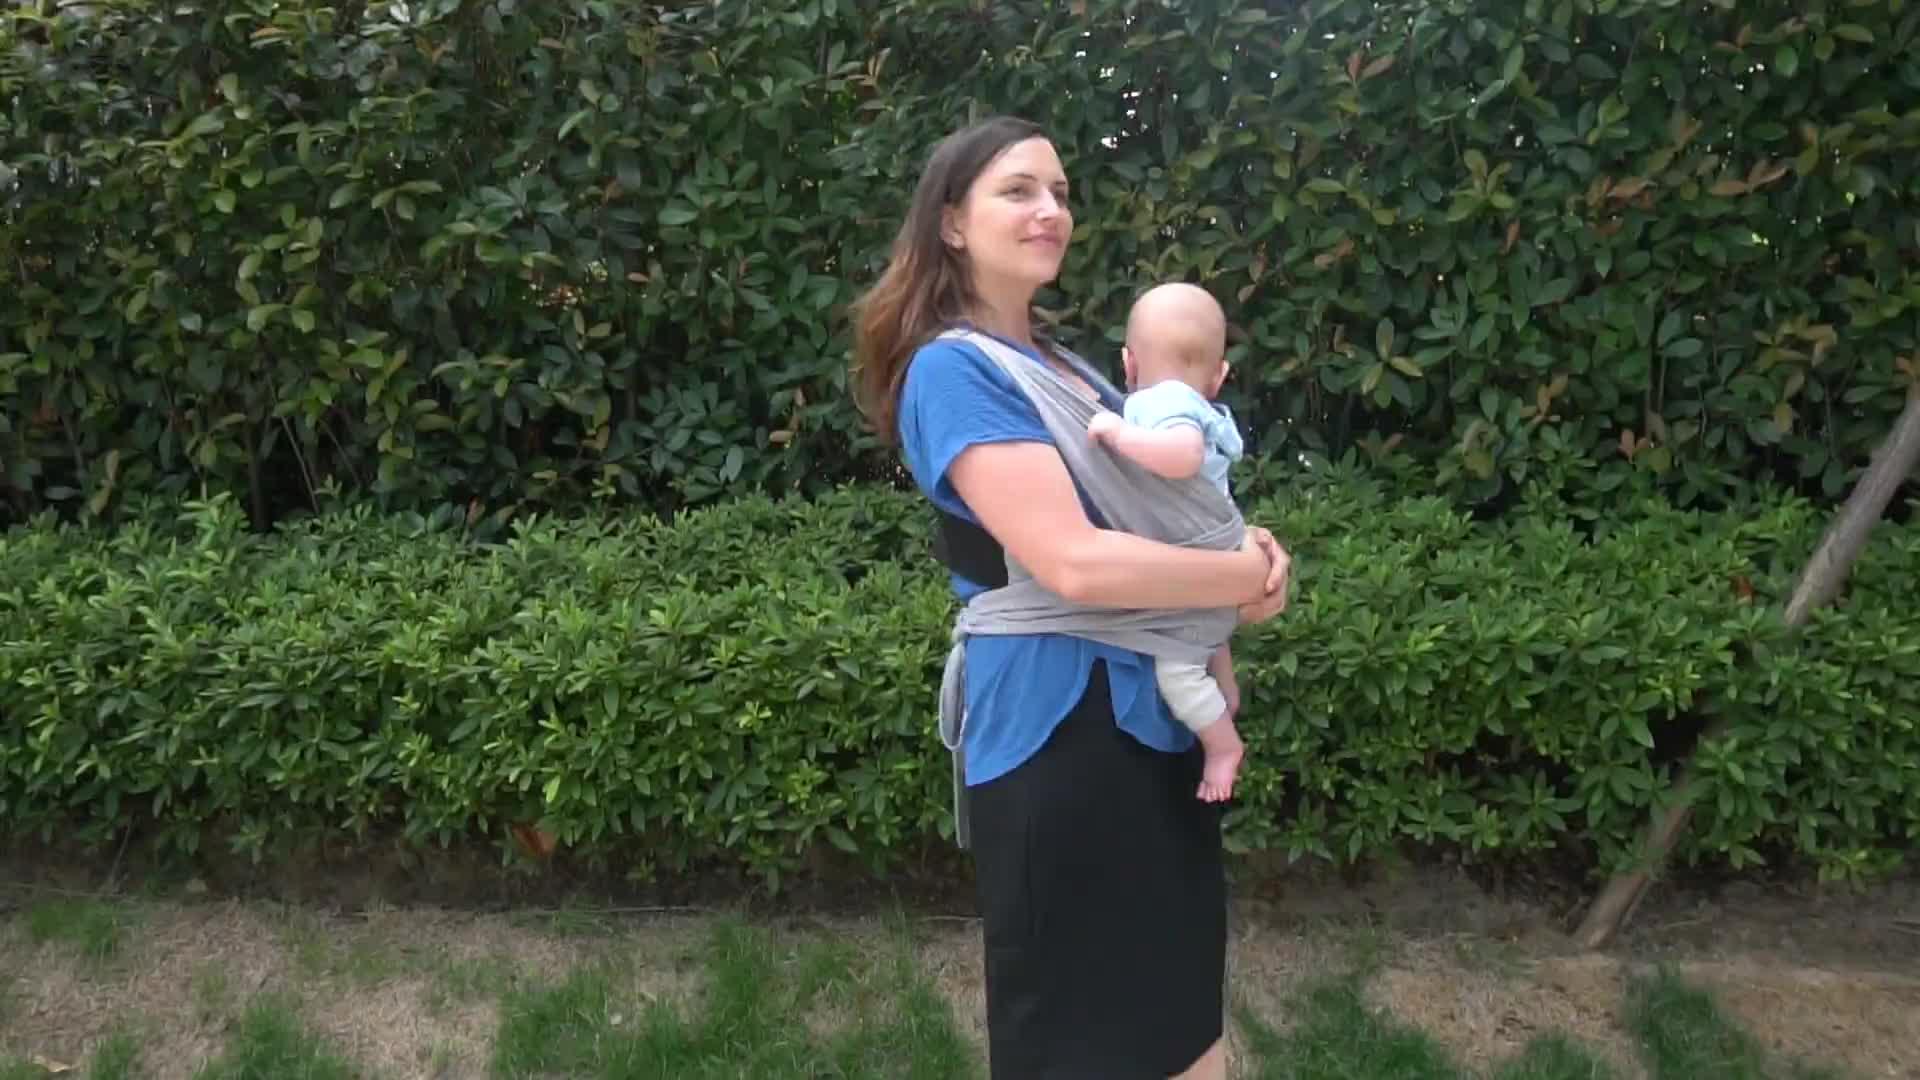 Cina hotsell bambino marsupio prodotti articolo a buon mercato e tessuto di cotone baby carrier